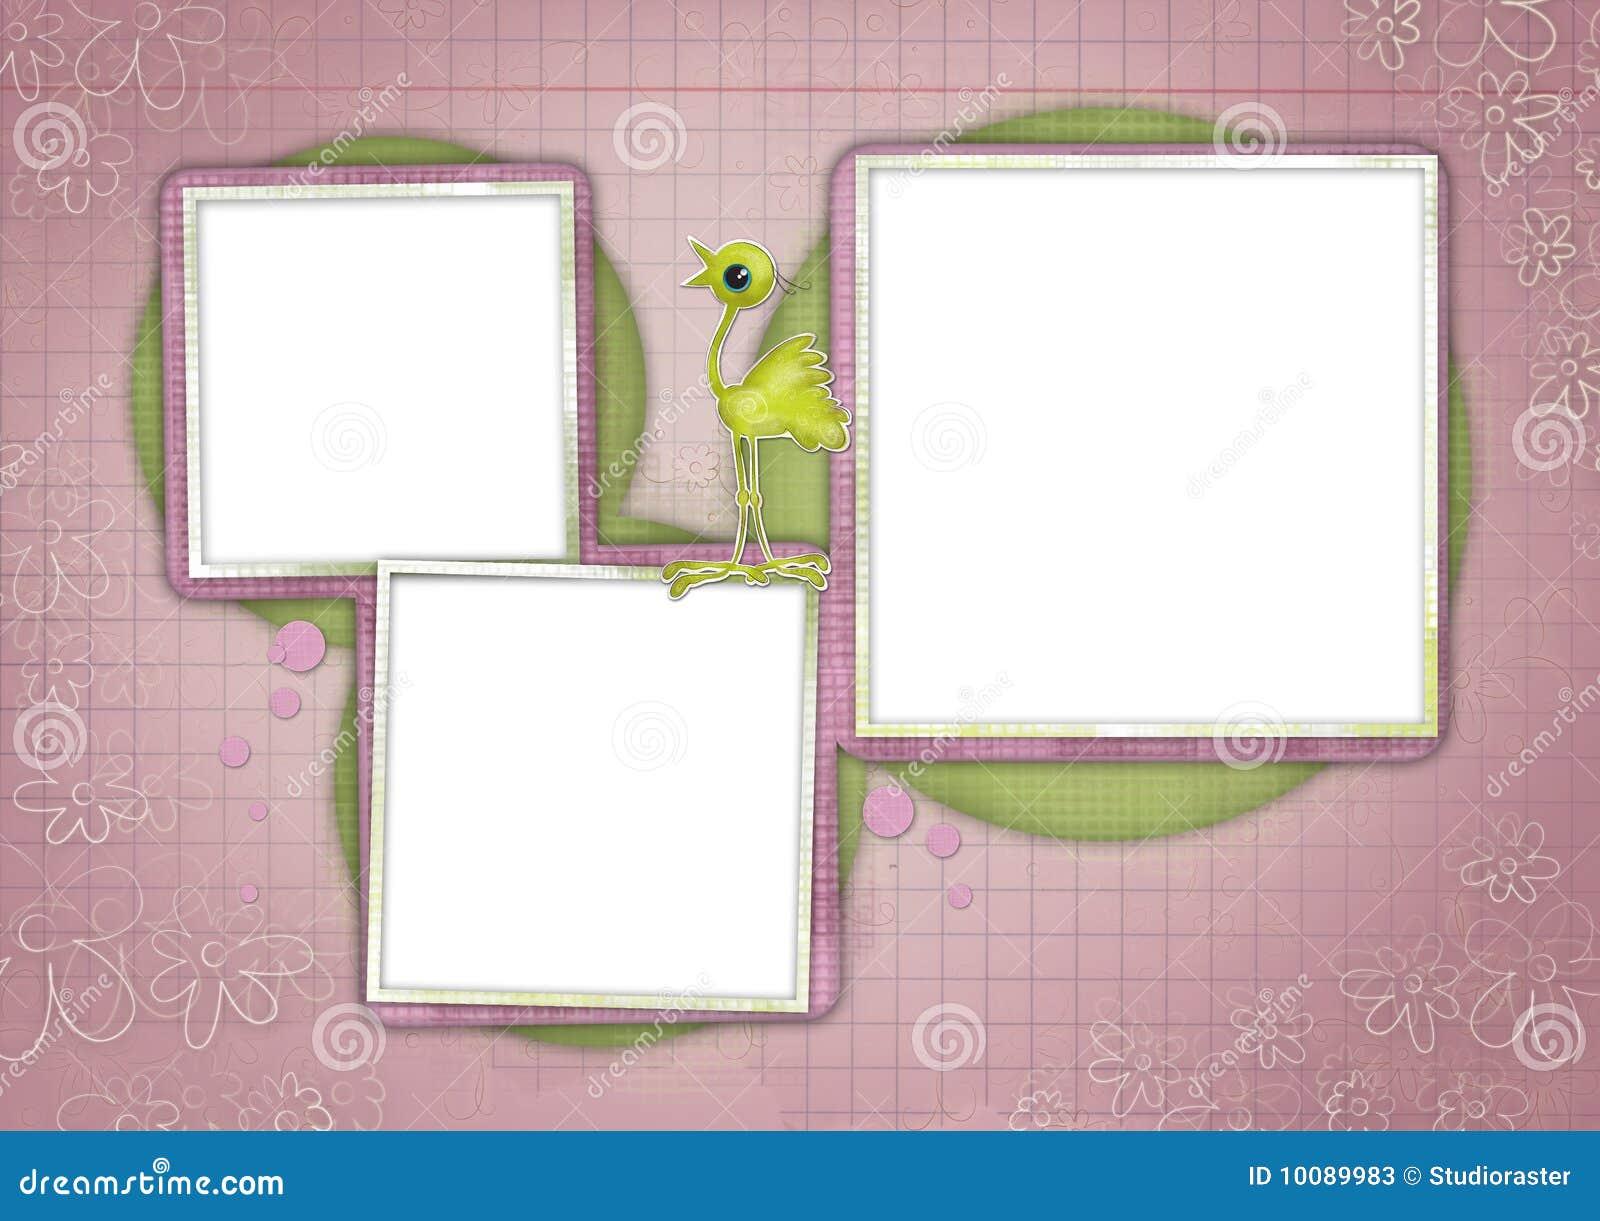 Kids Card 08 Stock Photos - Image: 10089983